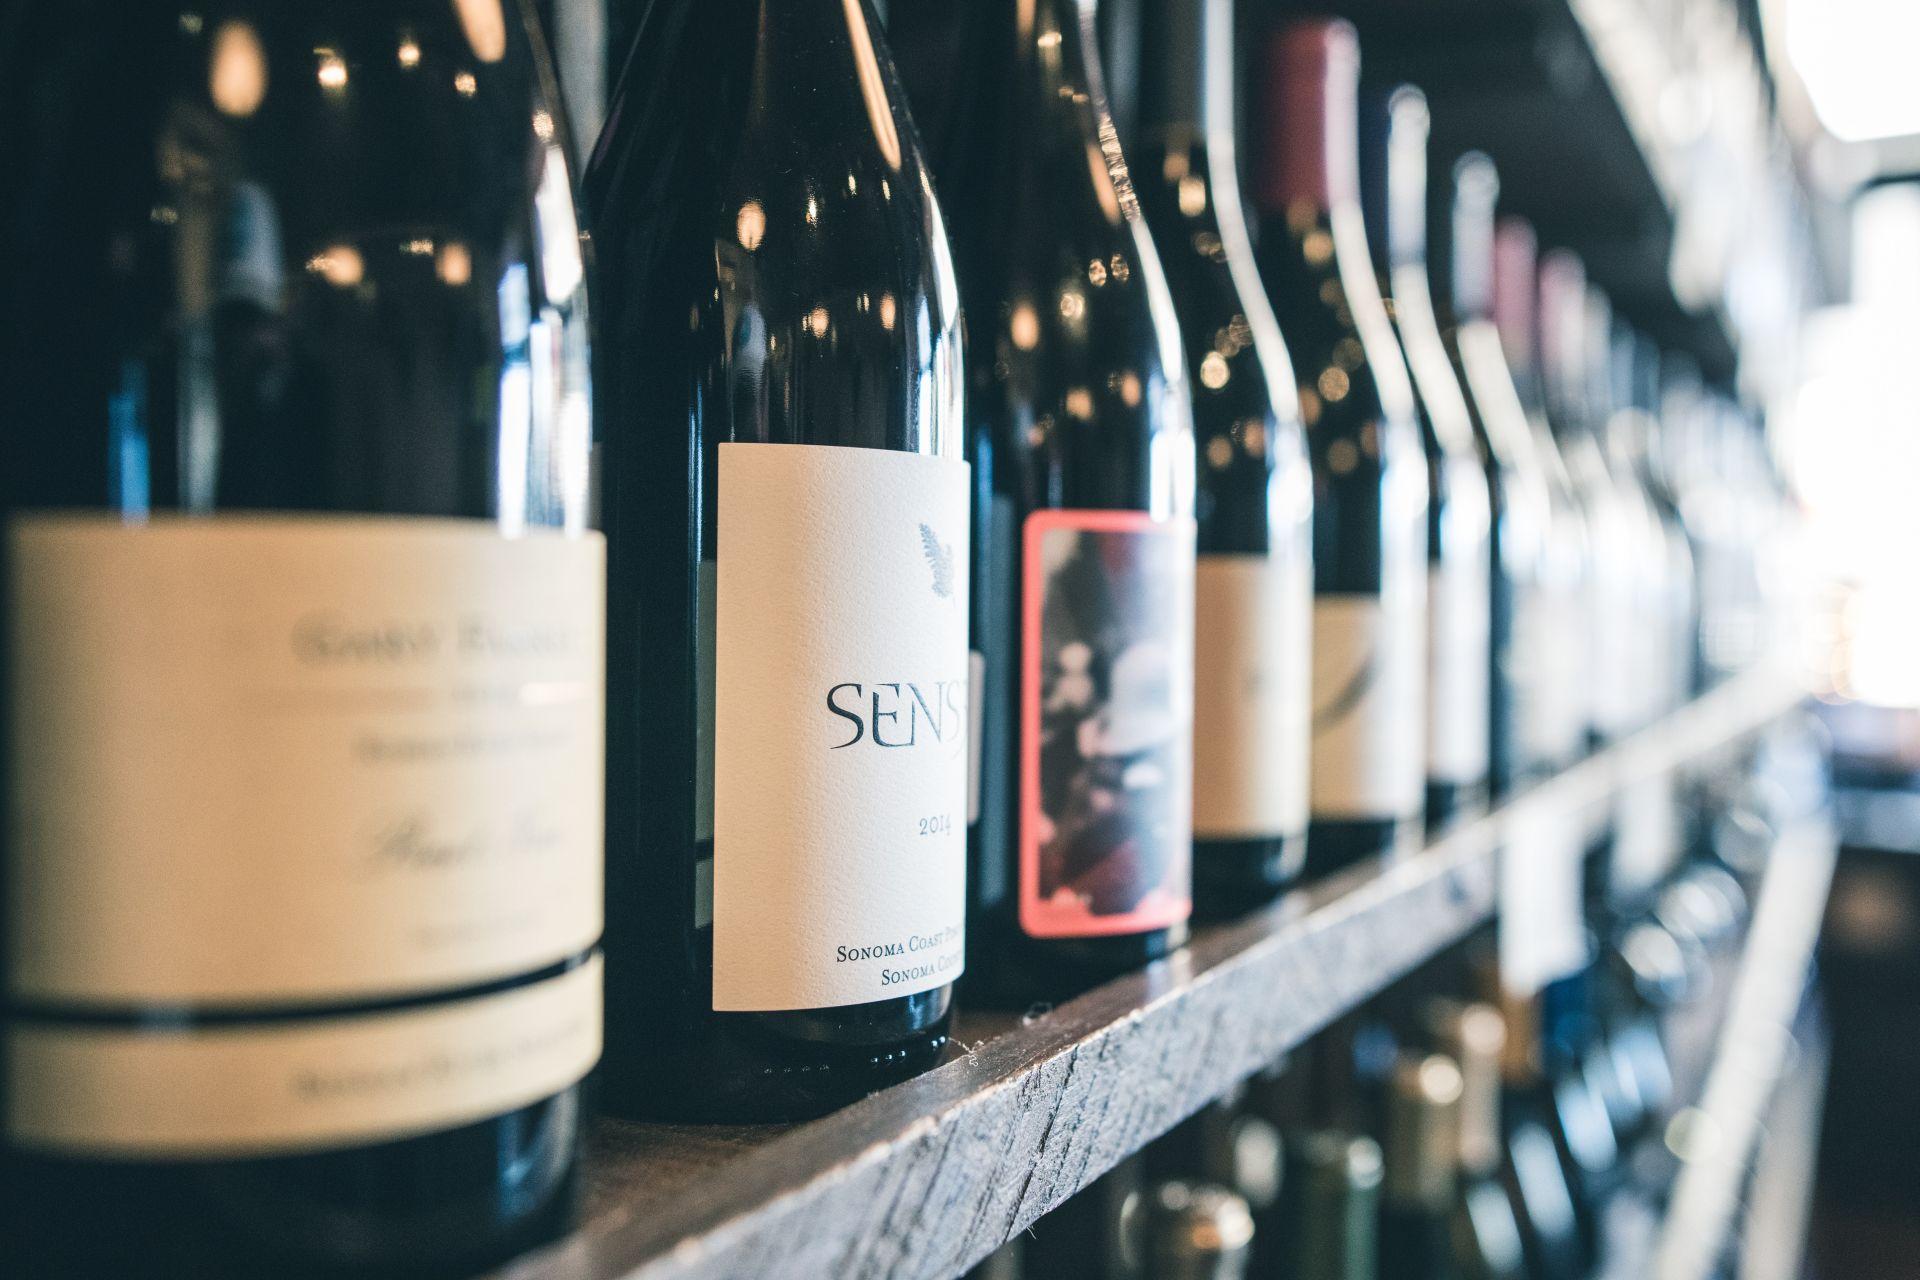 Vinhos e cervejas podem ser trazidos, desde que respeitem a quantidade limite por passageiro. Foto: Scott Warman/Unsplash